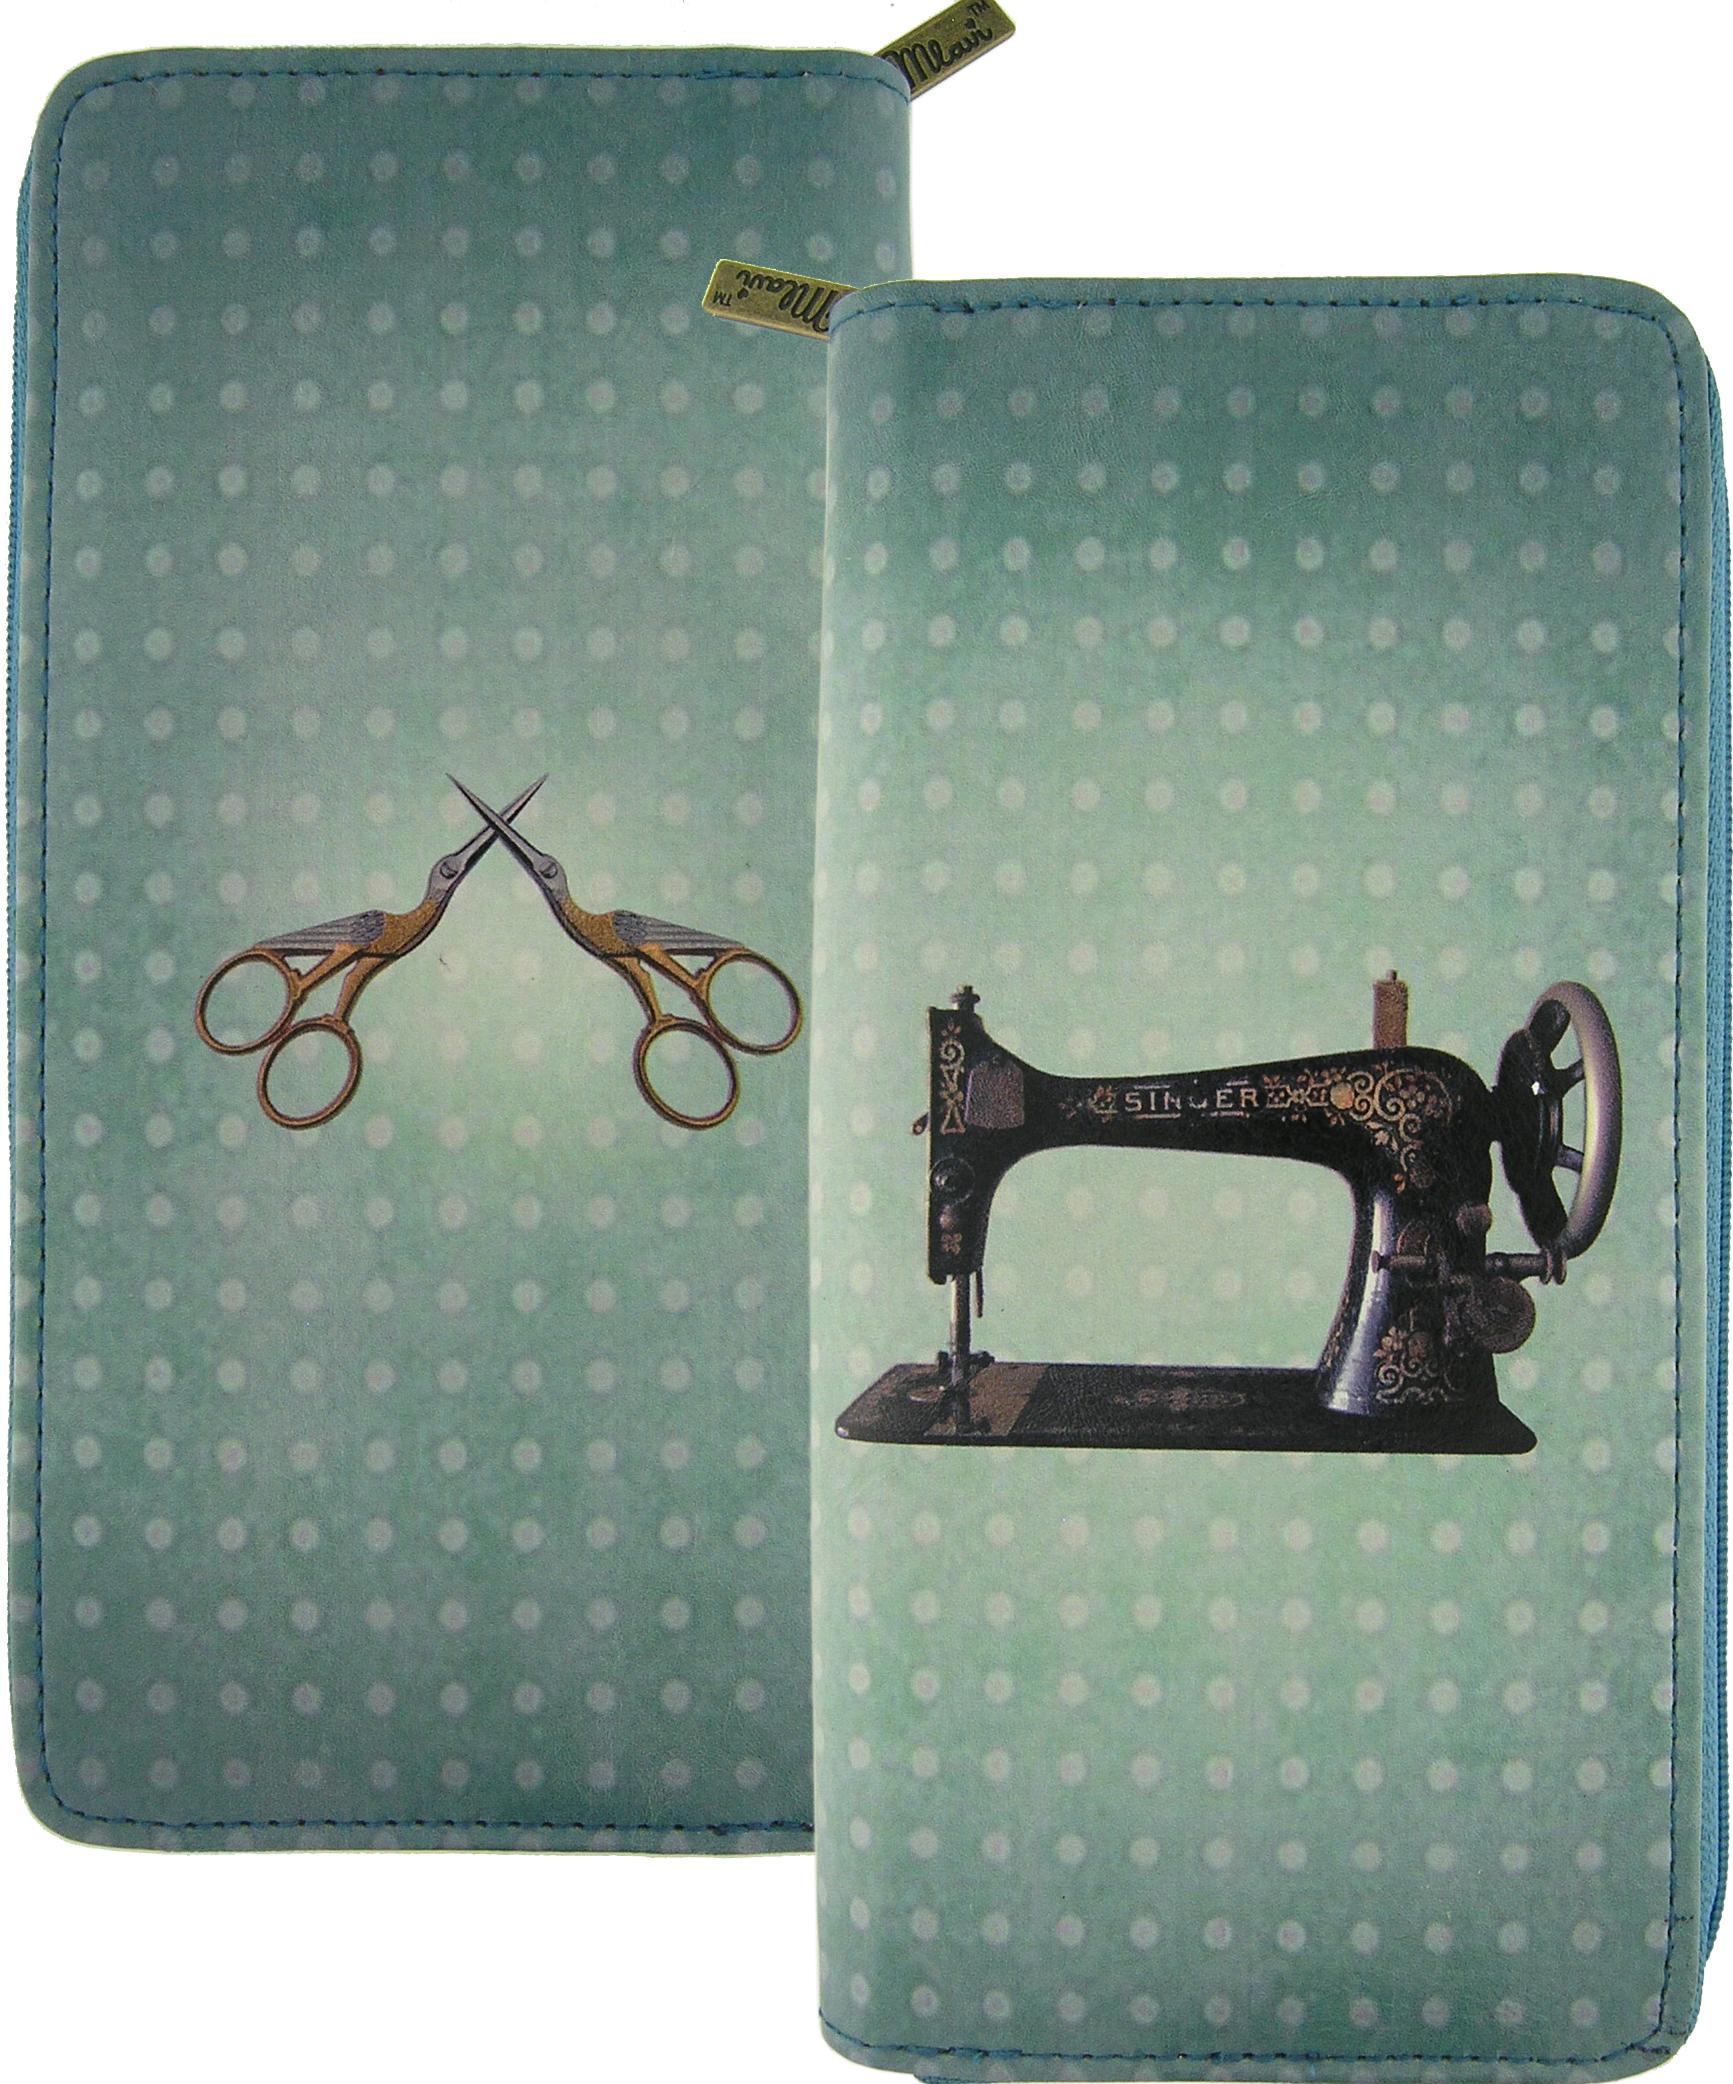 Sewing Machine/Scissor Wallet